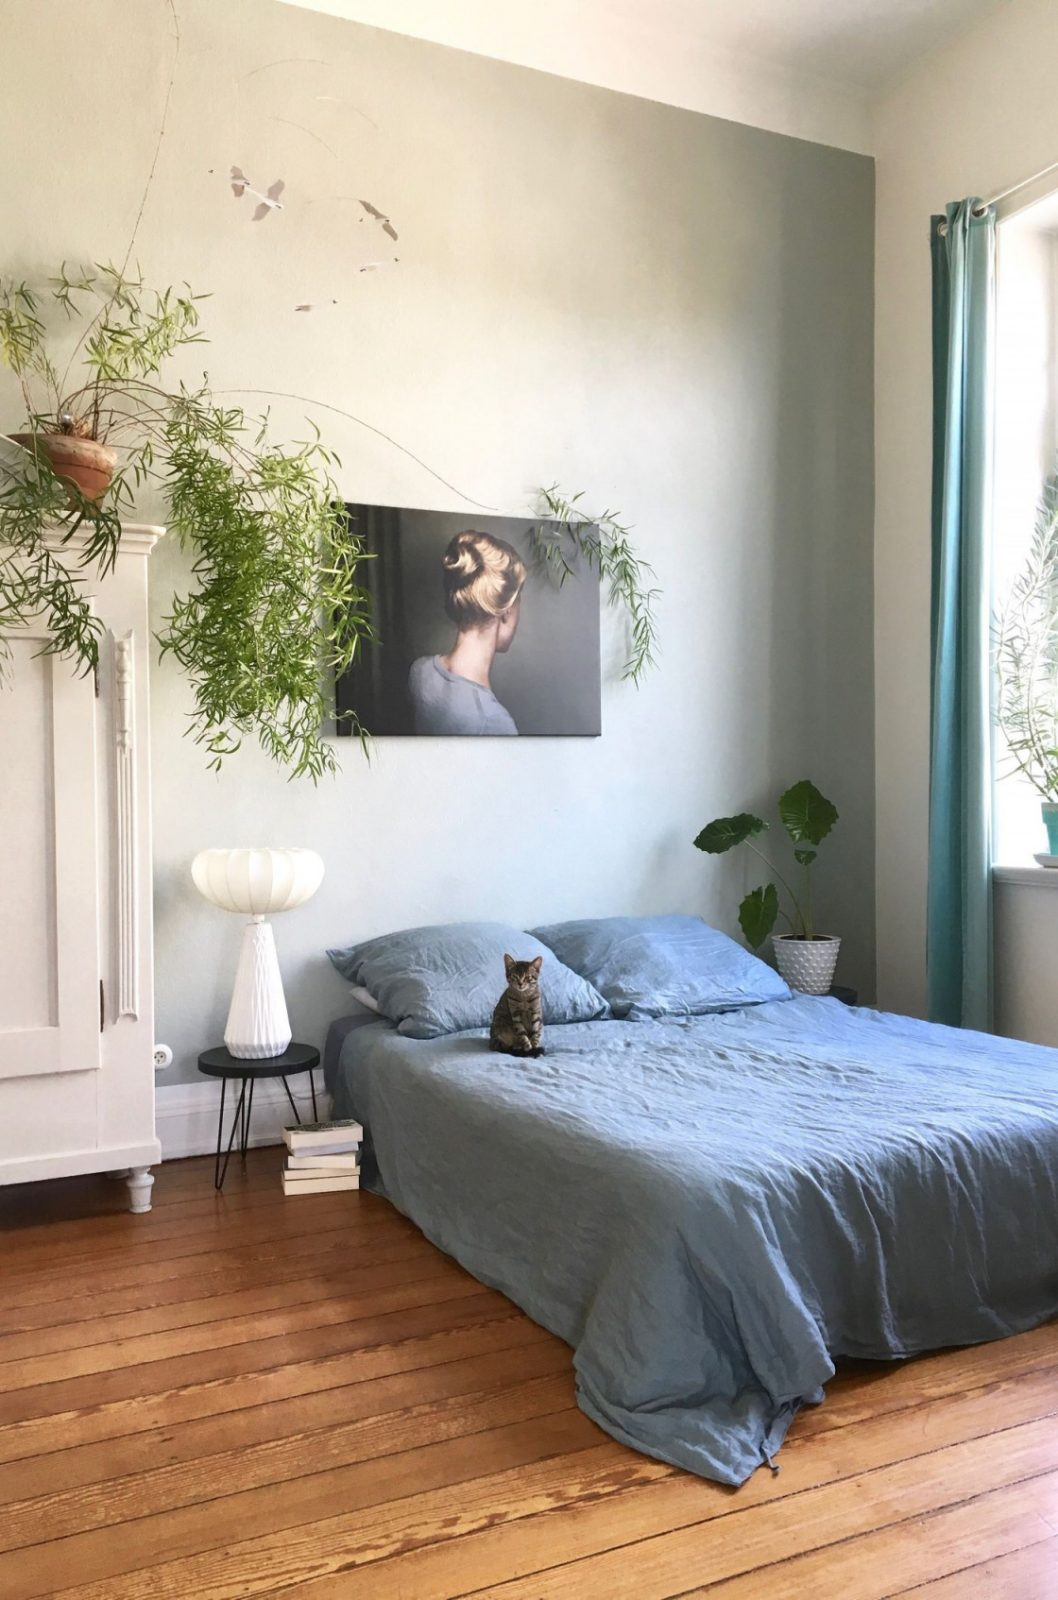 Schlafzimmer Ideen Zum Einrichten  Gestalten von Schöne Schlafzimmer Ideen Photo